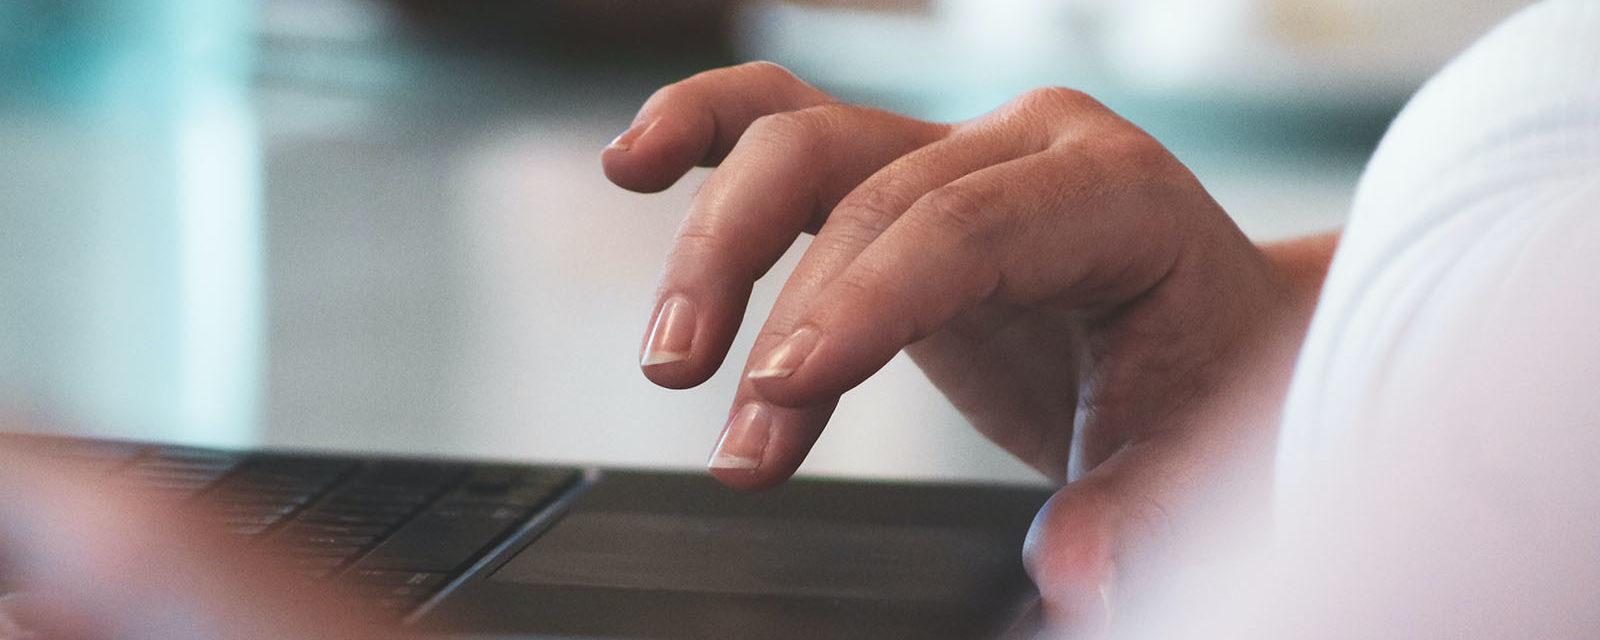 Politique de la protection des données personnelles - Vacataires